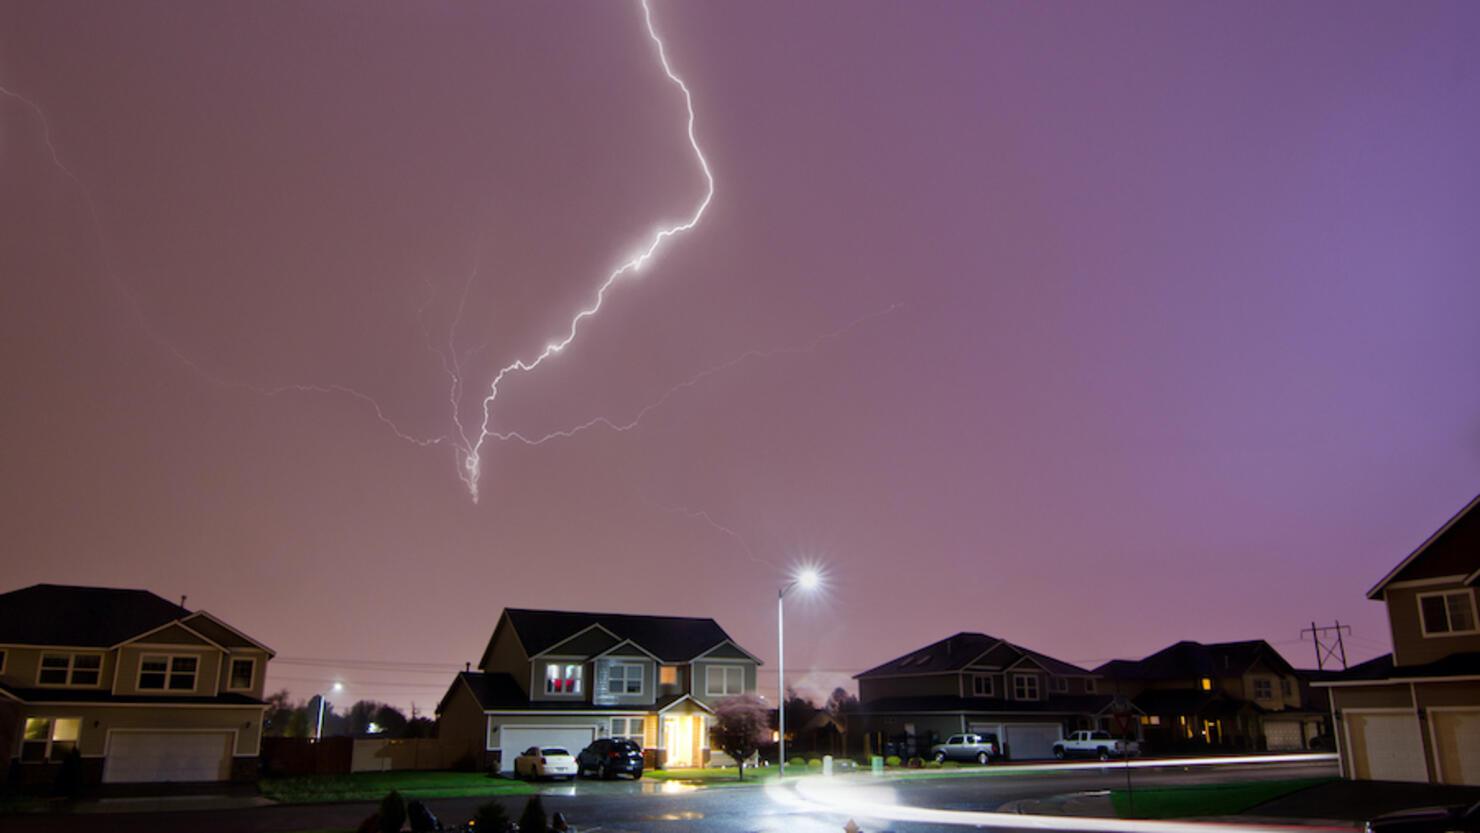 Lightning Strikes Above Home